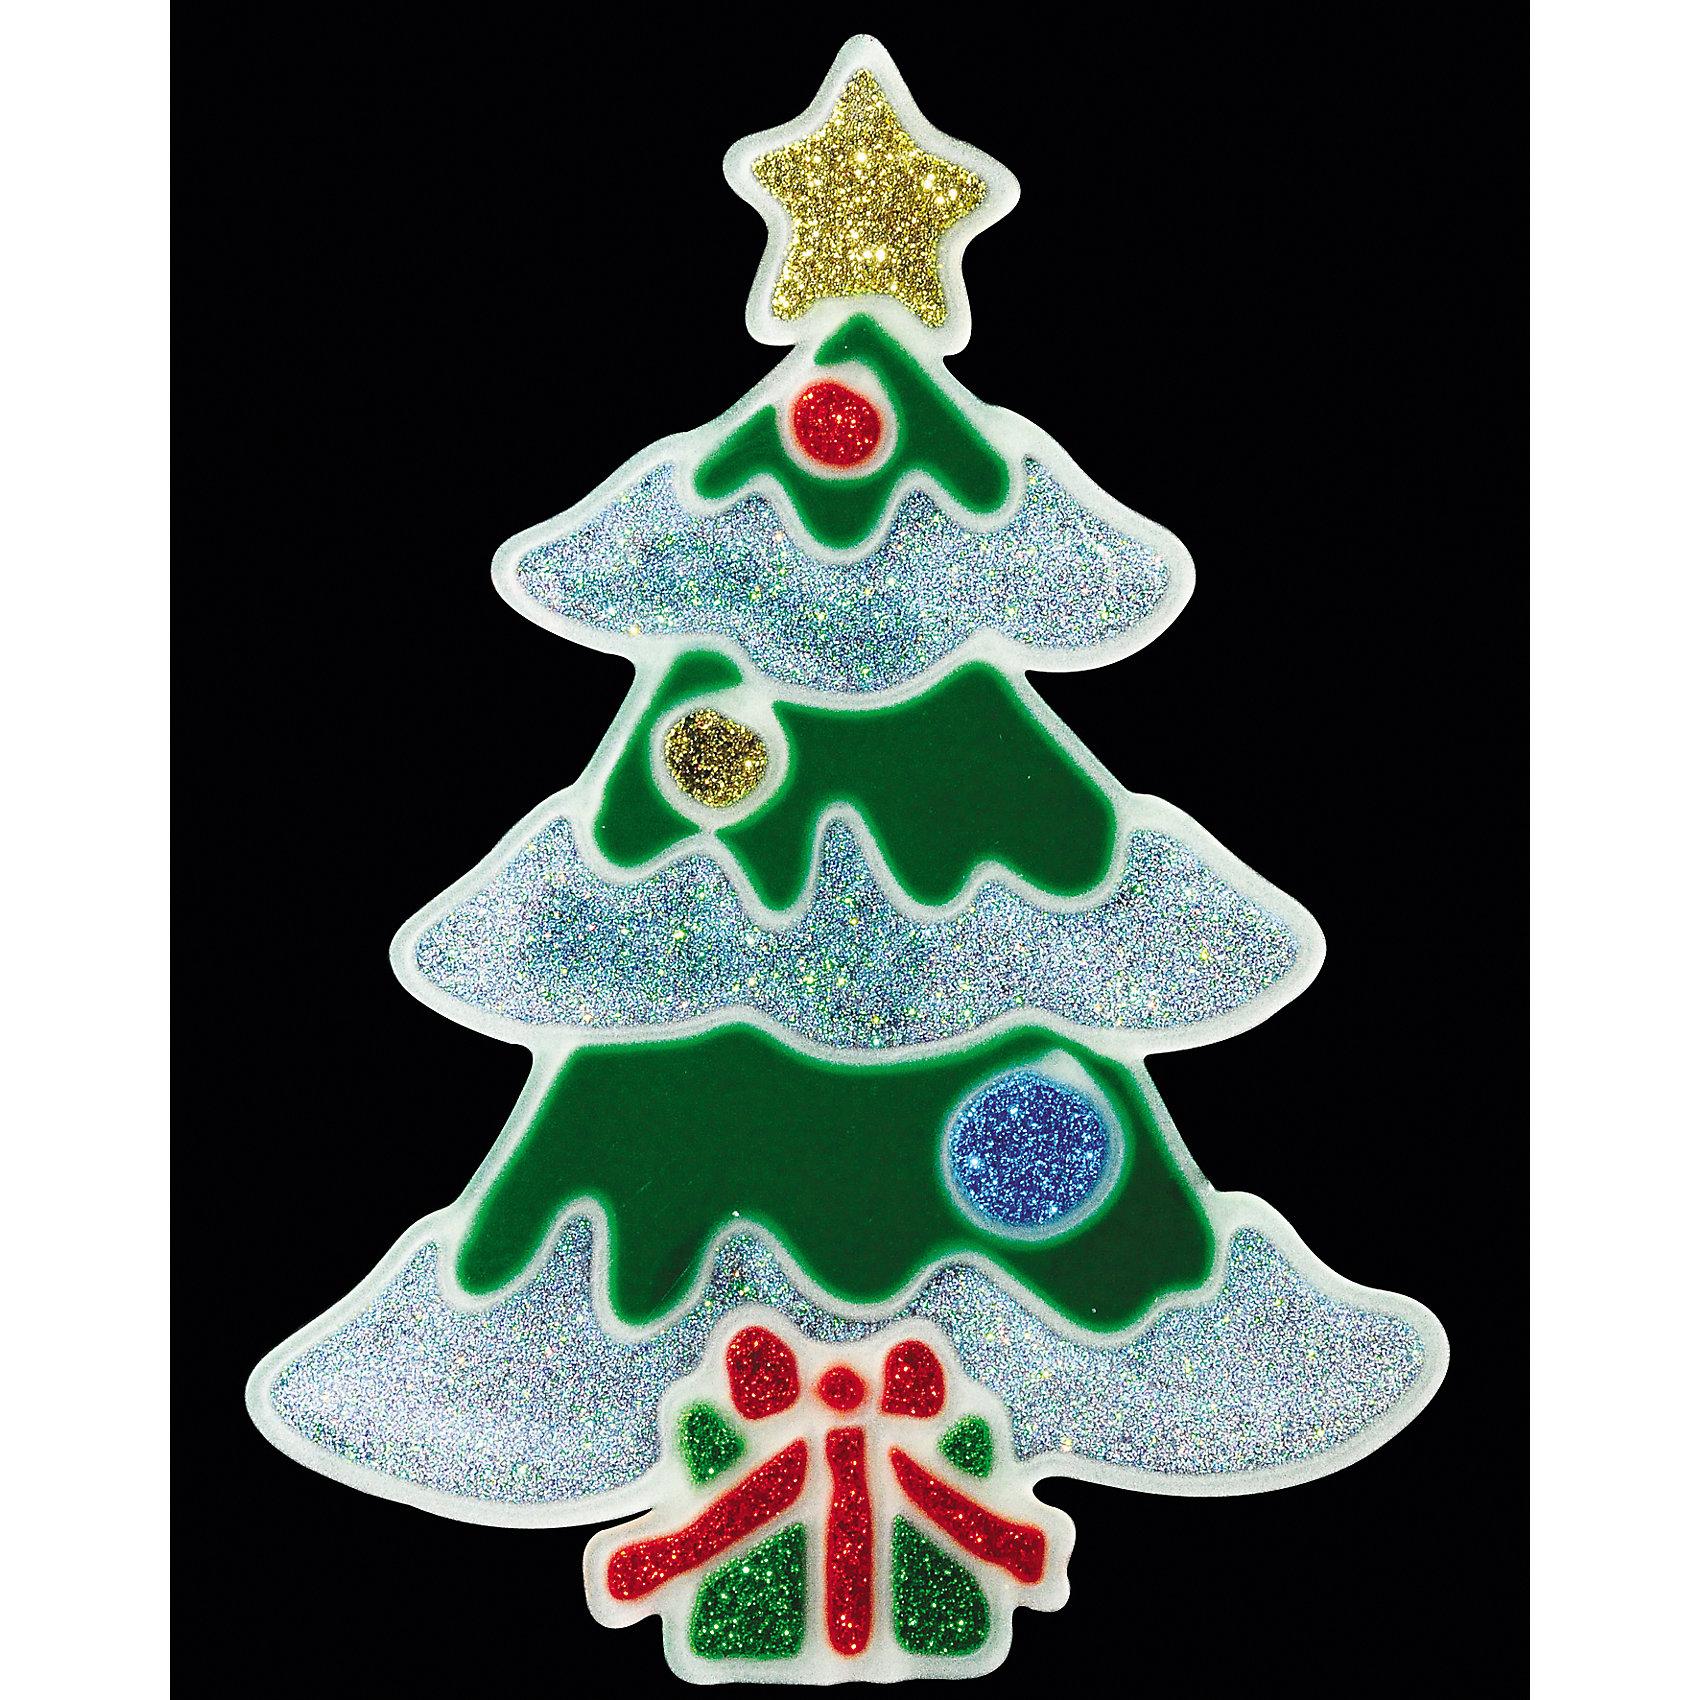 Наклейка на окно «СВЕТЯЩАЯСЯ ЁЛОЧКА» 12х17смХарактеристики товара:<br><br>- материал: полимер;<br>- размер: 12х17 см;<br>- назначение: украшение.<br><br>Каждый праздник имеет свои традиции, без которых он будет неполным. Украшение дома к Новому году - это уже часть праздника! Особую атмосферу поможет создать такое украшение - оно отлично смотрится в любом интерьере или на окне благодаря универсальной расцветке.<br>Украшение сделано из материалов, безопасных для детей. Оно также станет отличным сувениром для коллег, знакомых или родных.<br><br>Украшение «СВЕТЯЩАЯСЯ ЁЛОЧКА» можно купить в нашем интернет-магазине.<br><br>Ширина мм: 120<br>Глубина мм: 5<br>Высота мм: 170<br>Вес г: 21<br>Возраст от месяцев: 48<br>Возраст до месяцев: 144<br>Пол: Унисекс<br>Возраст: Детский<br>SKU: 5033632